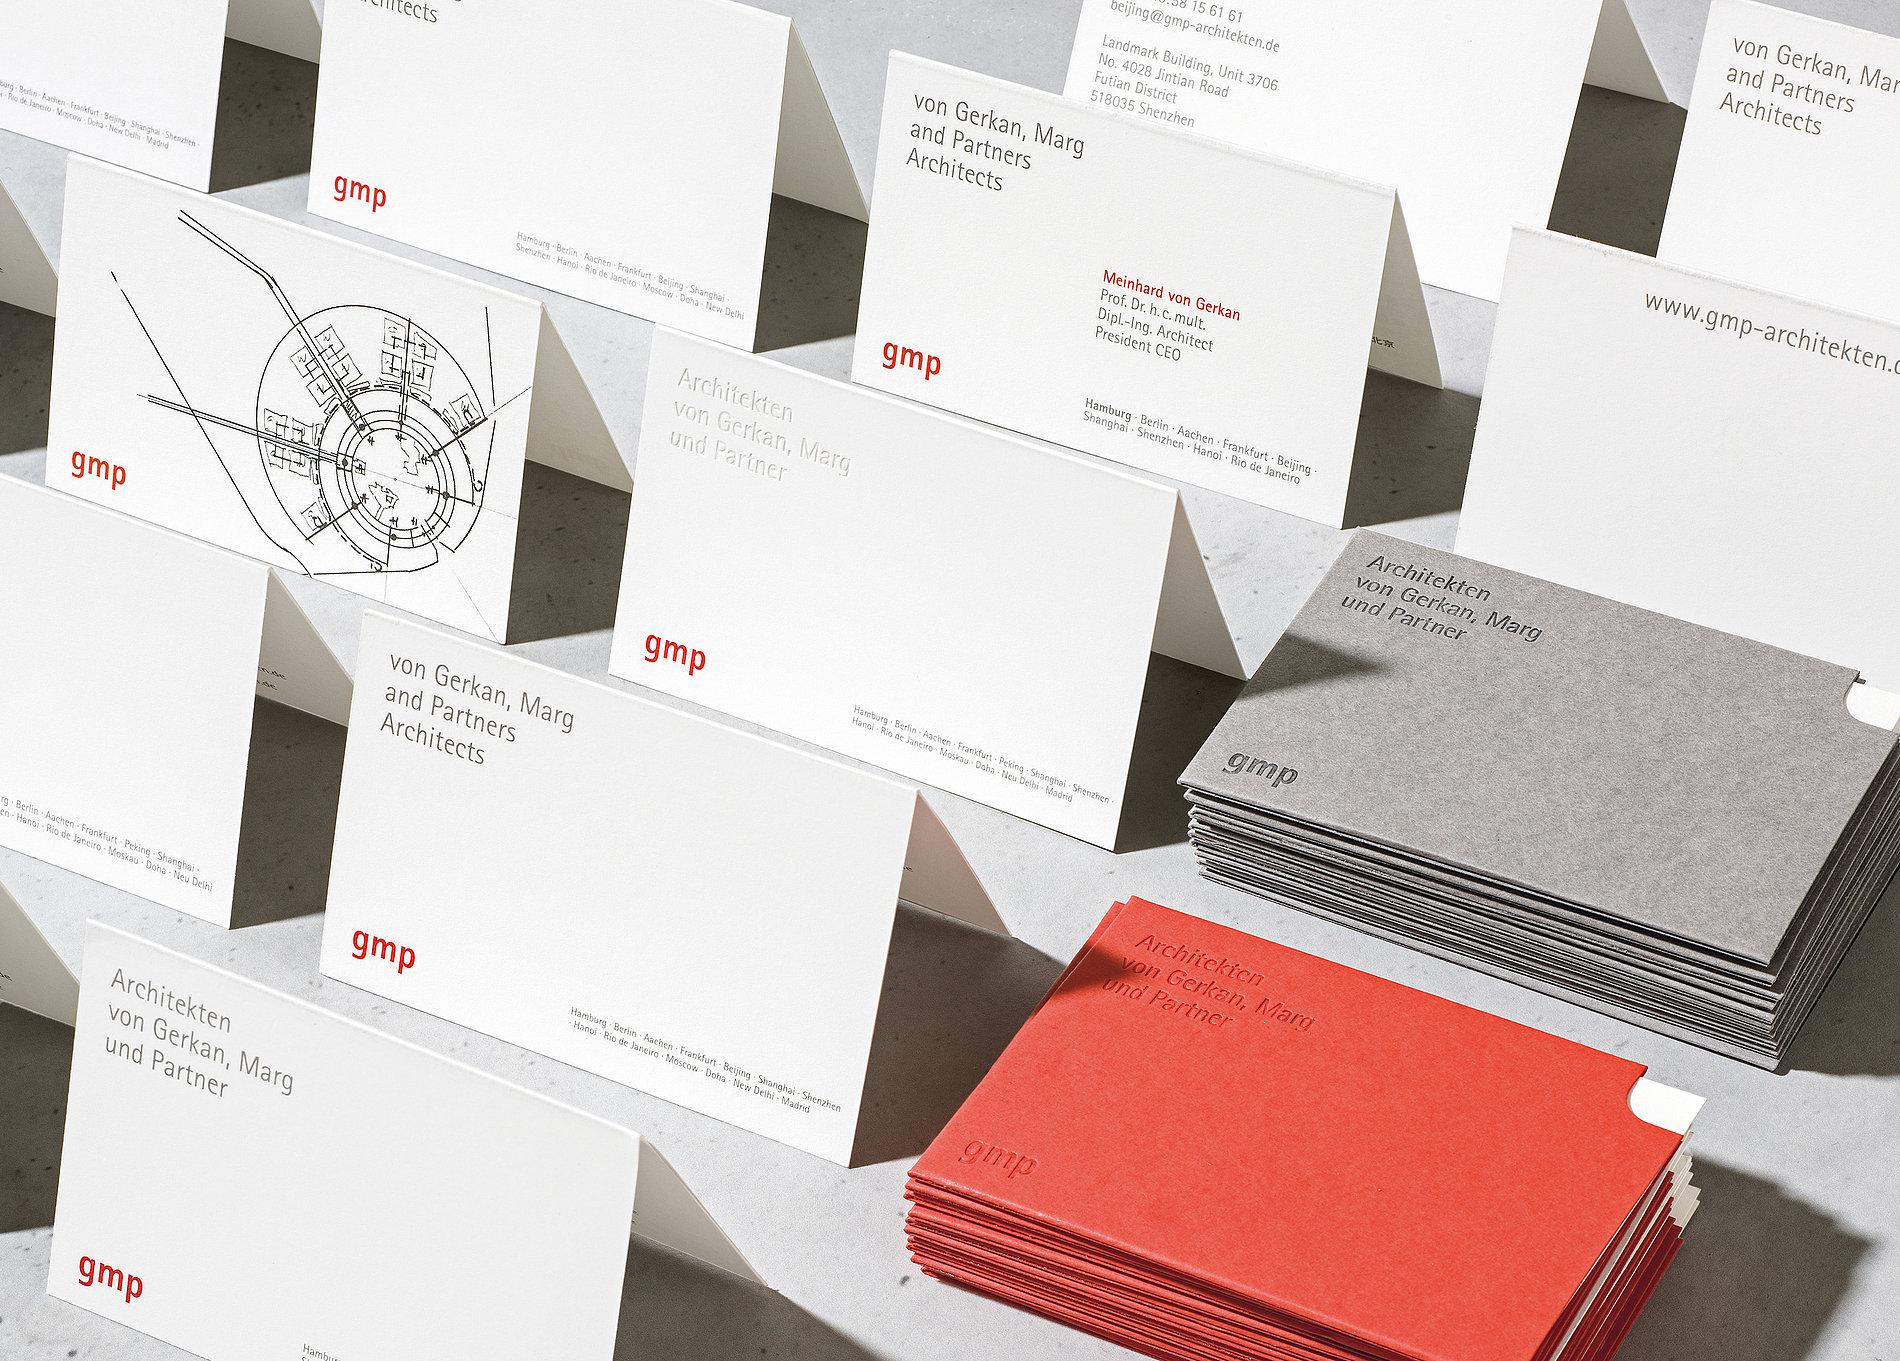 gmp · Architekten von Gerkan, Marg und Partner | Red Dot Design Award